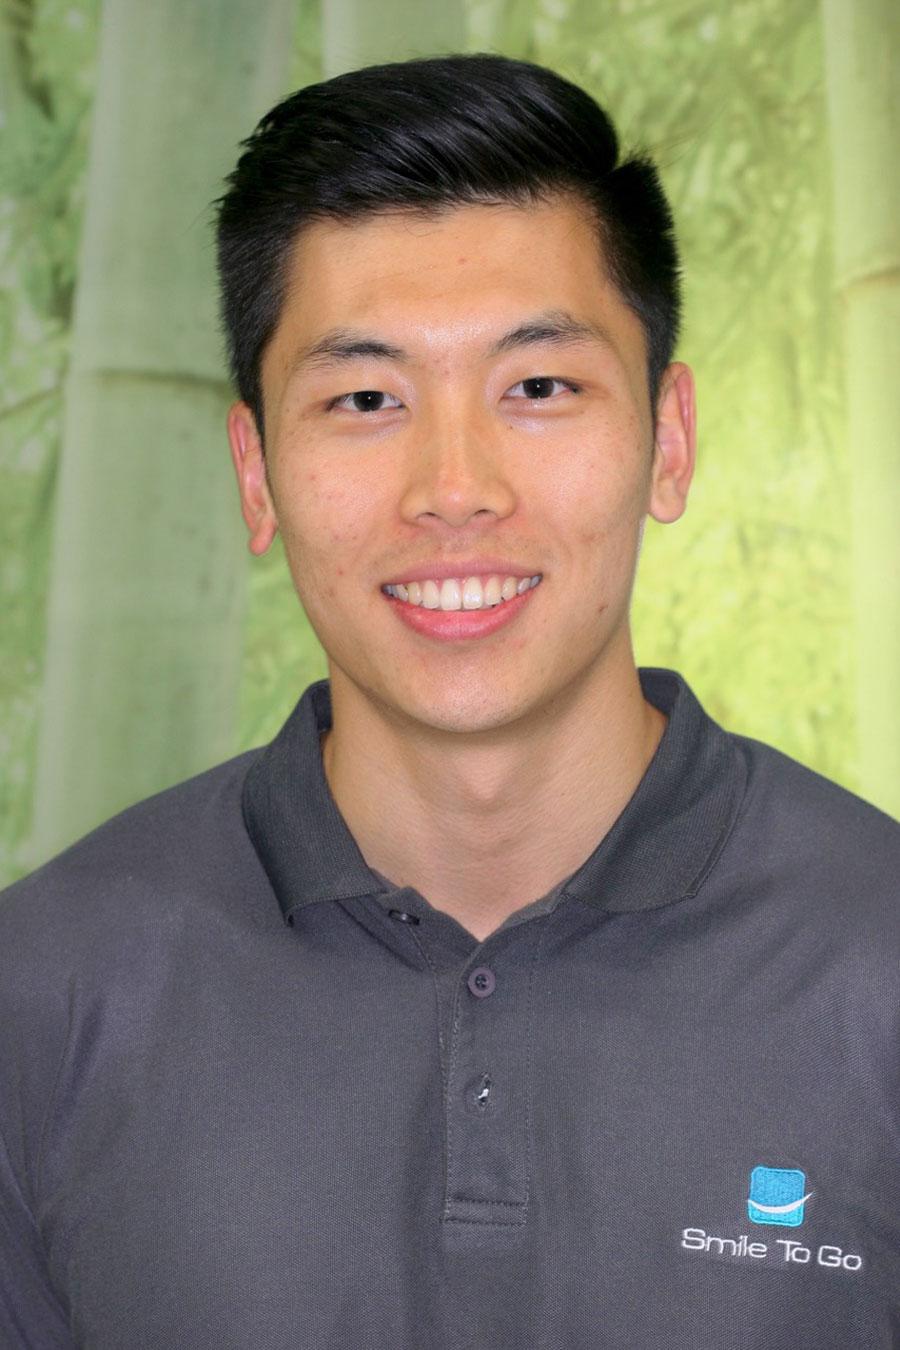 dr-shaun-wang-dentist-at-smile-to-go